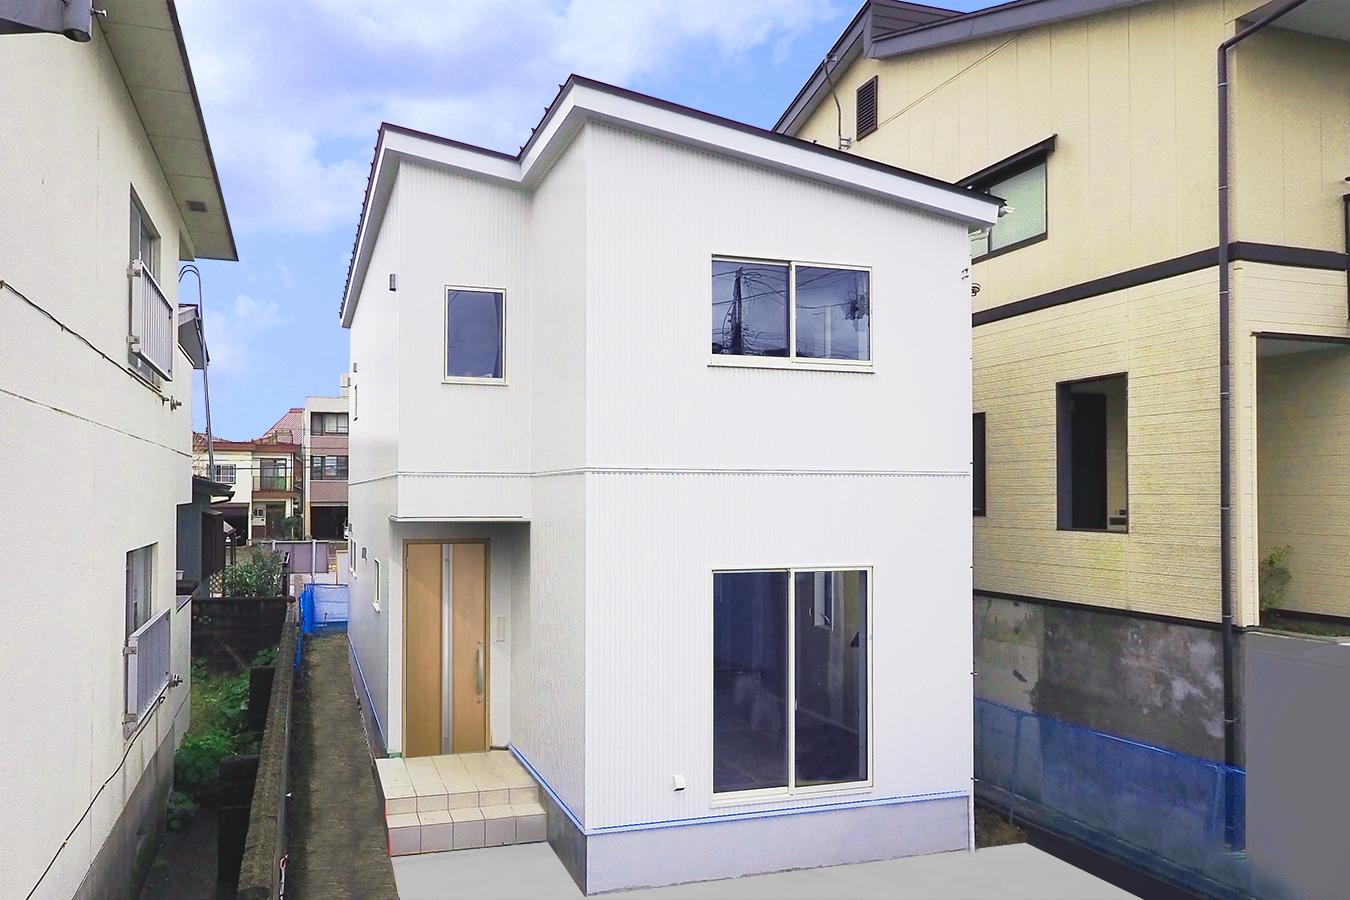 ニコニコ住宅 狭小住宅 コンパクト住宅 収納 たっぷり 広々暮らす 長岡 新潟